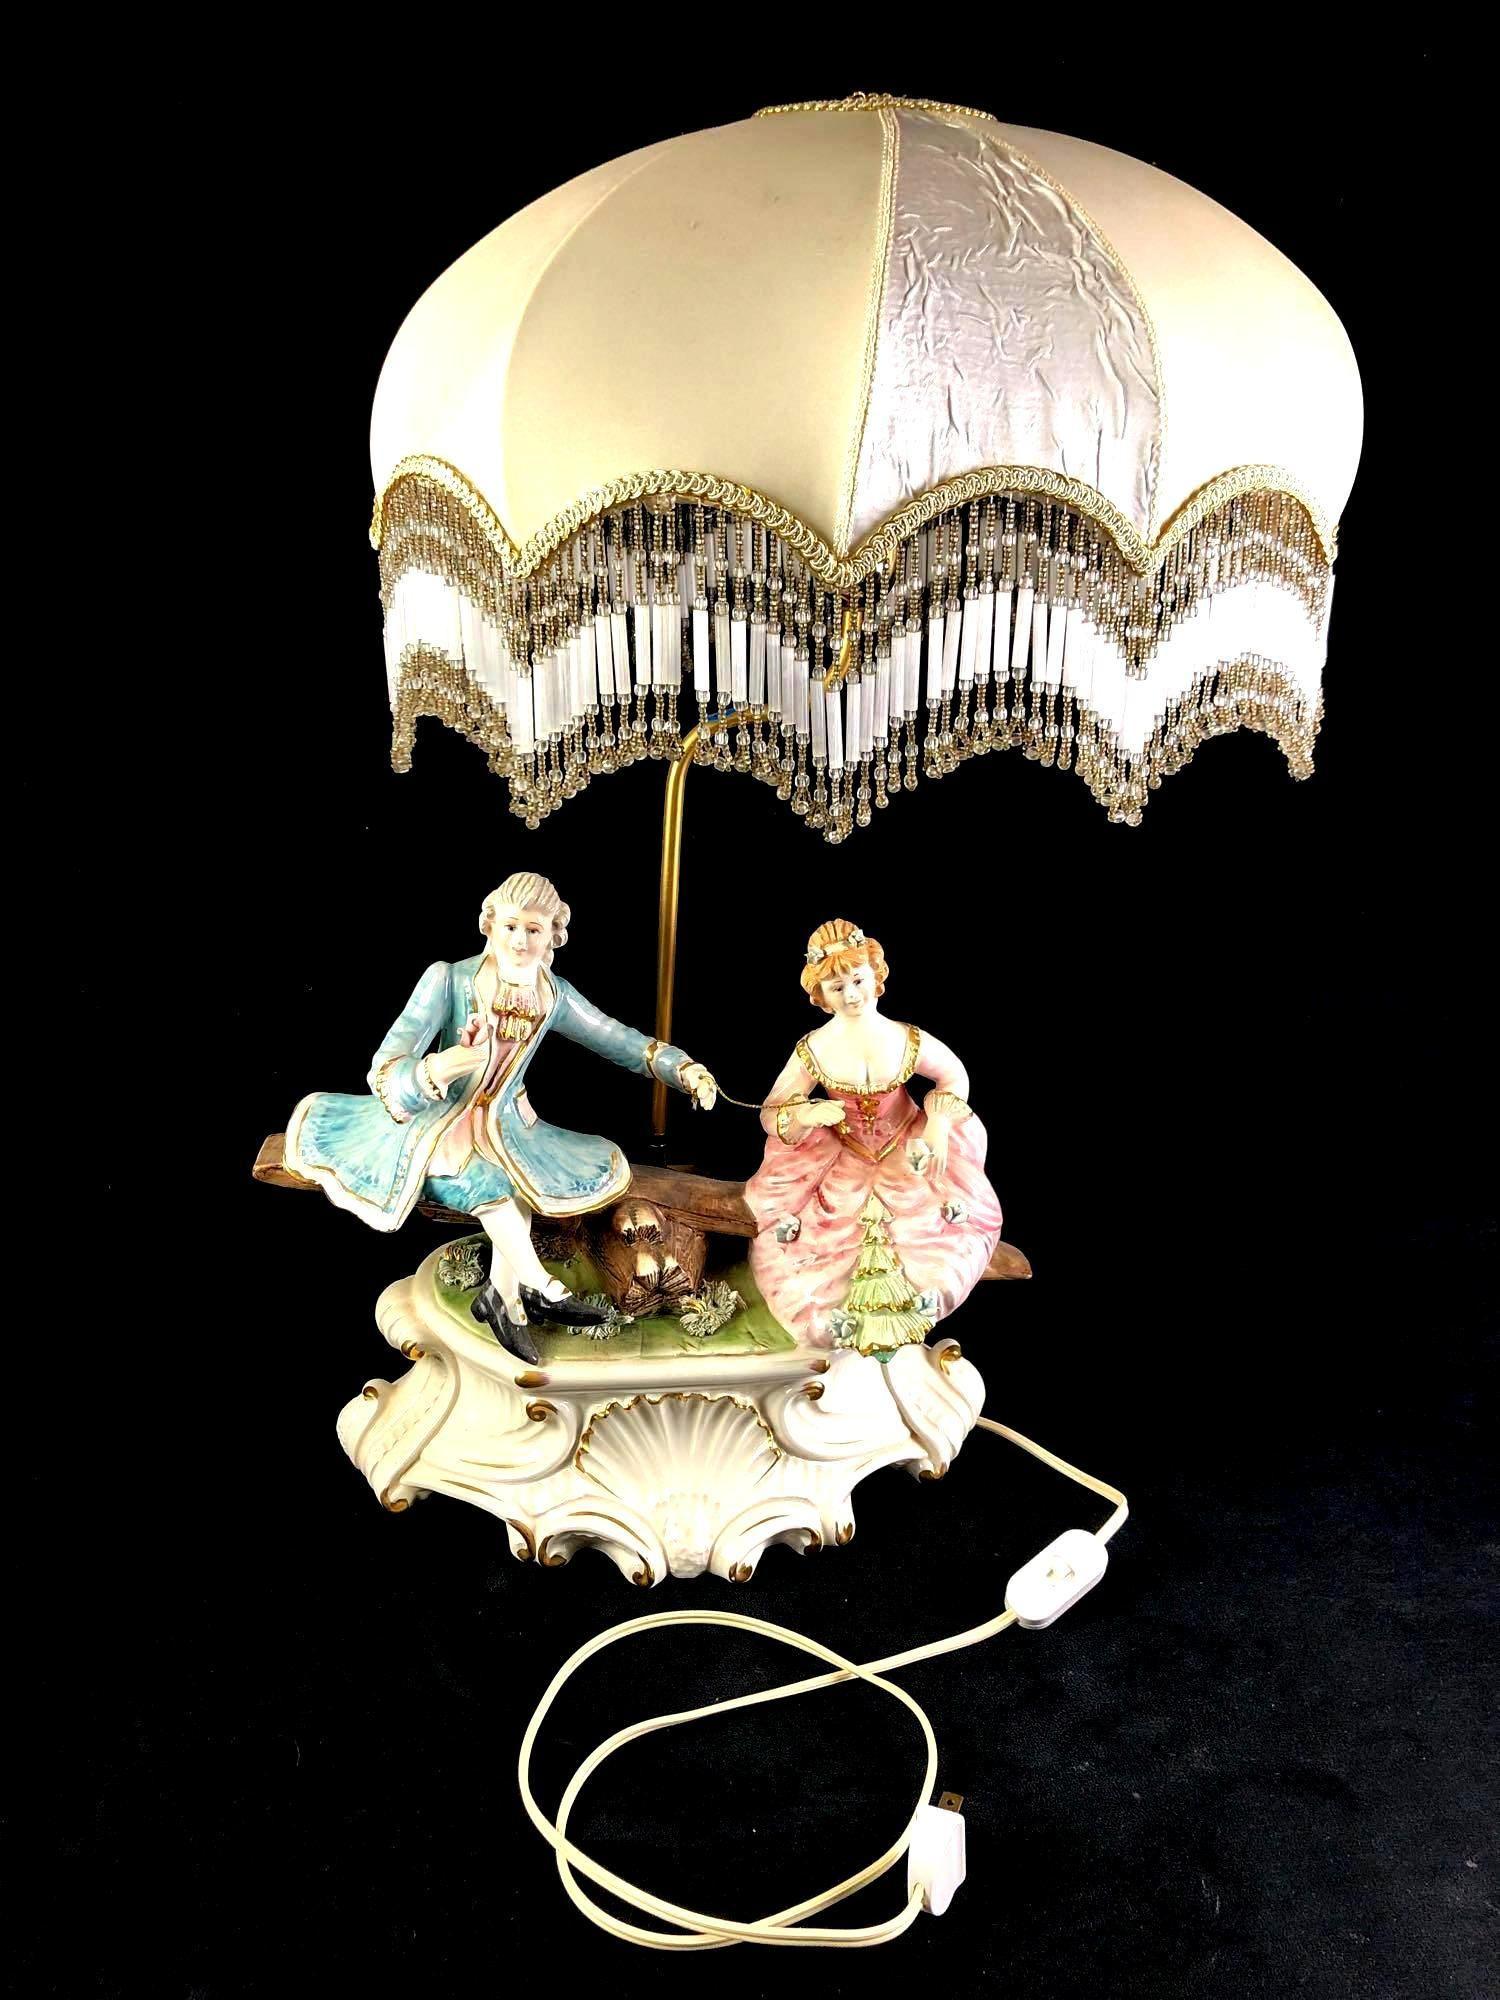 Capo-di-Monte English Couple Lampshade Ceramic Figurine